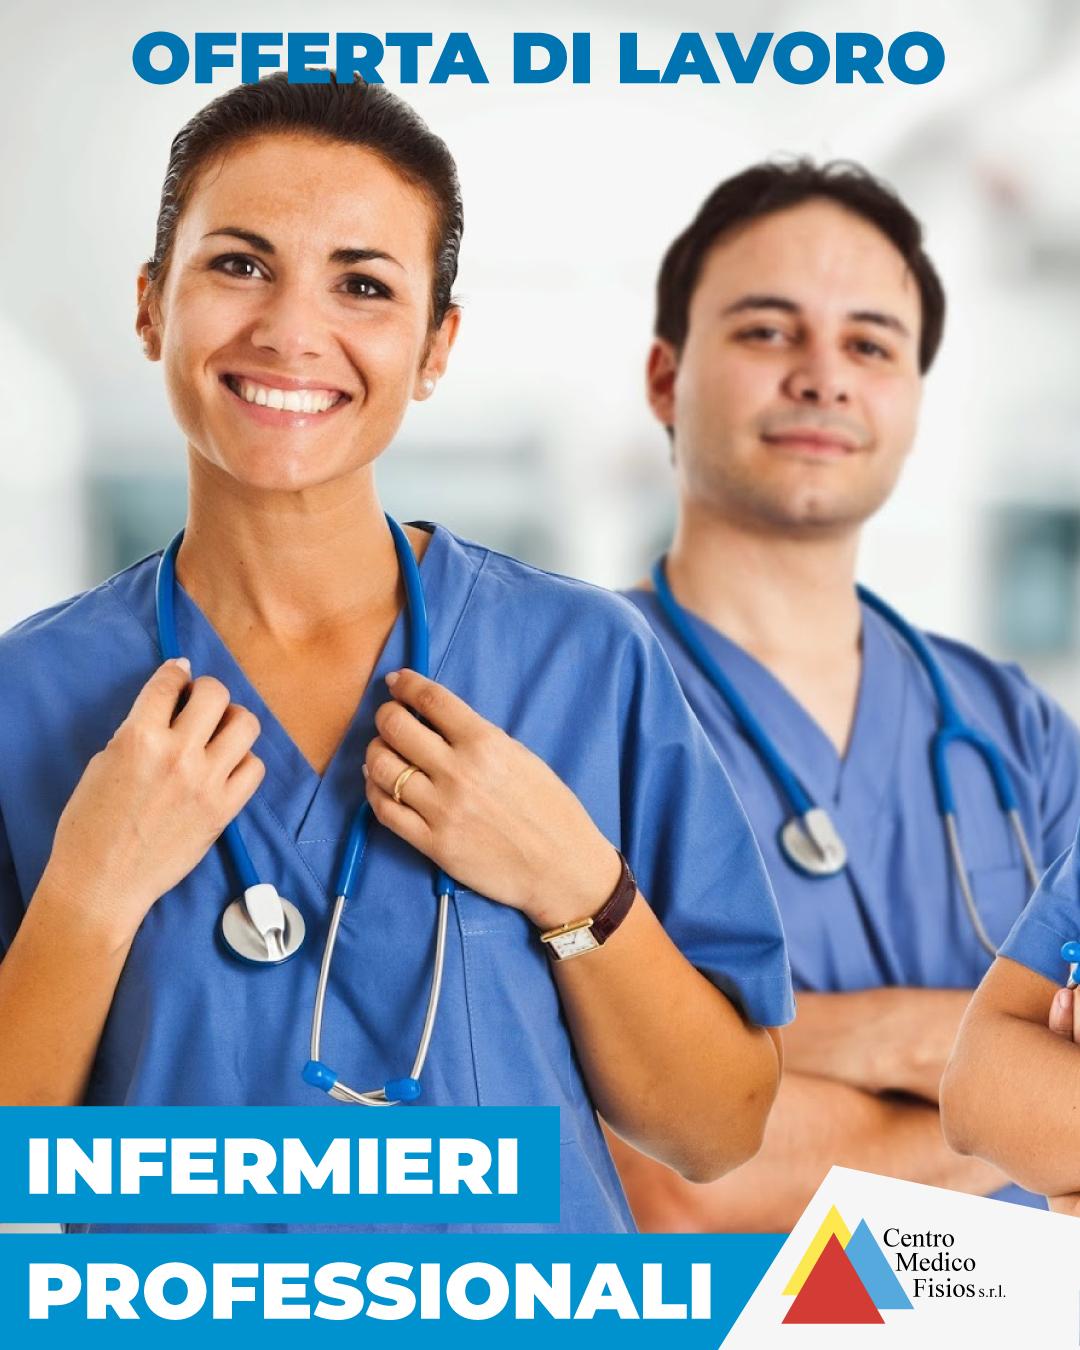 offerta di lavoro - infermieri professionali